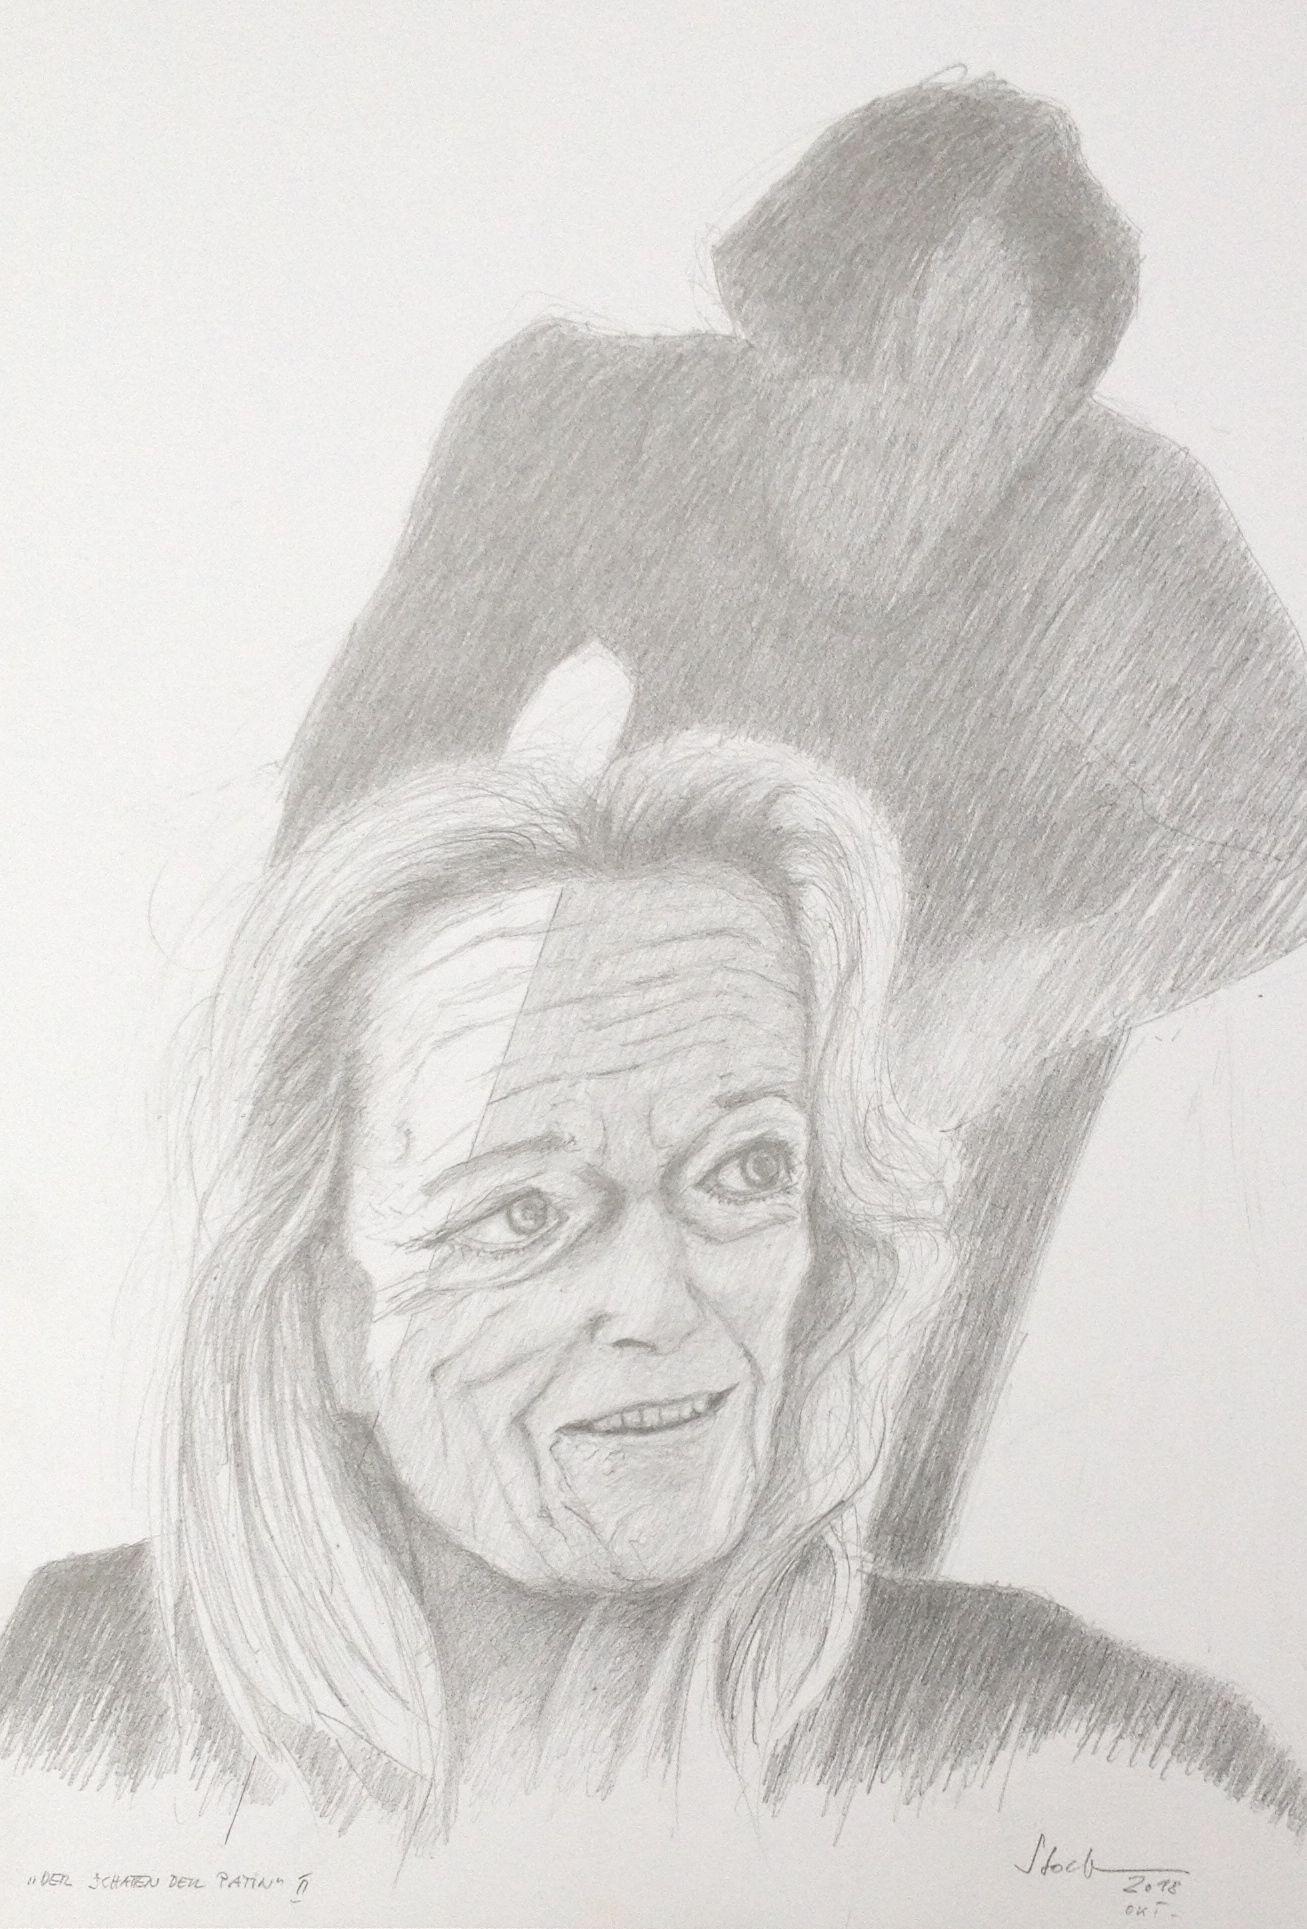 """""""Der Schatten der Patin II, 2018, Zeichnung (#983)"""